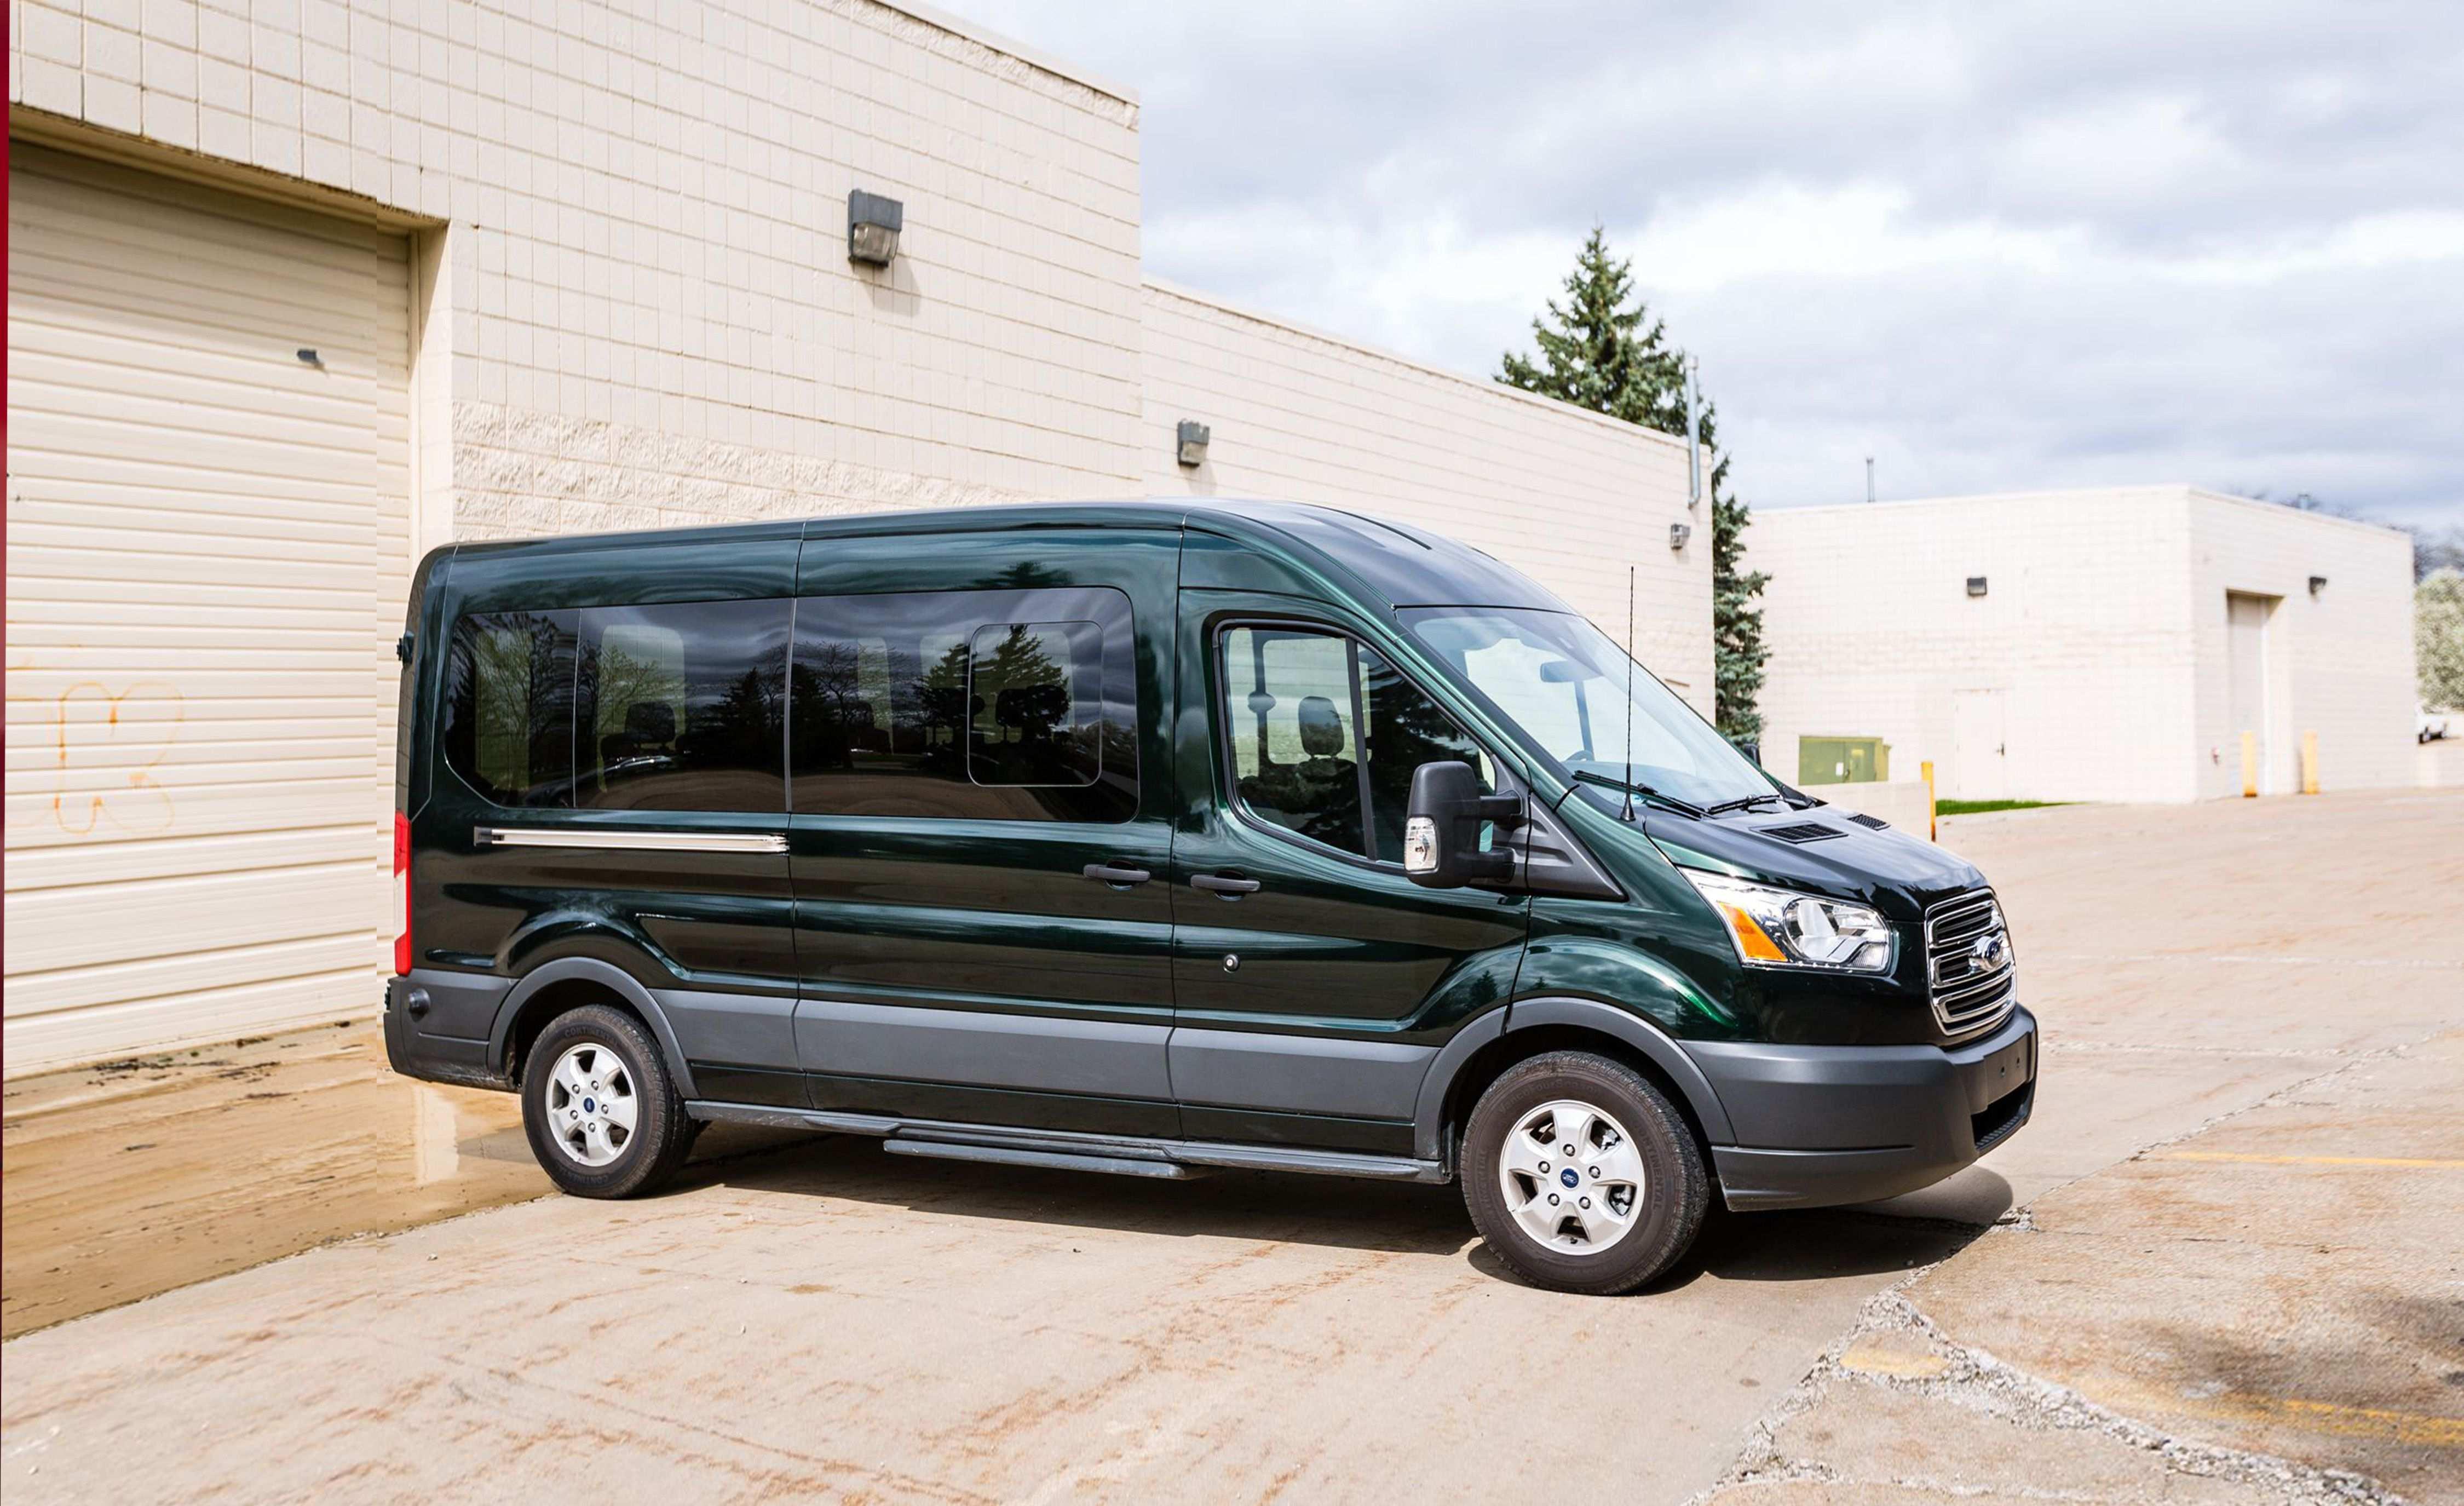 70 Concept of 2019 Ford 15 Passenger Van Rumors by 2019 Ford 15 Passenger Van